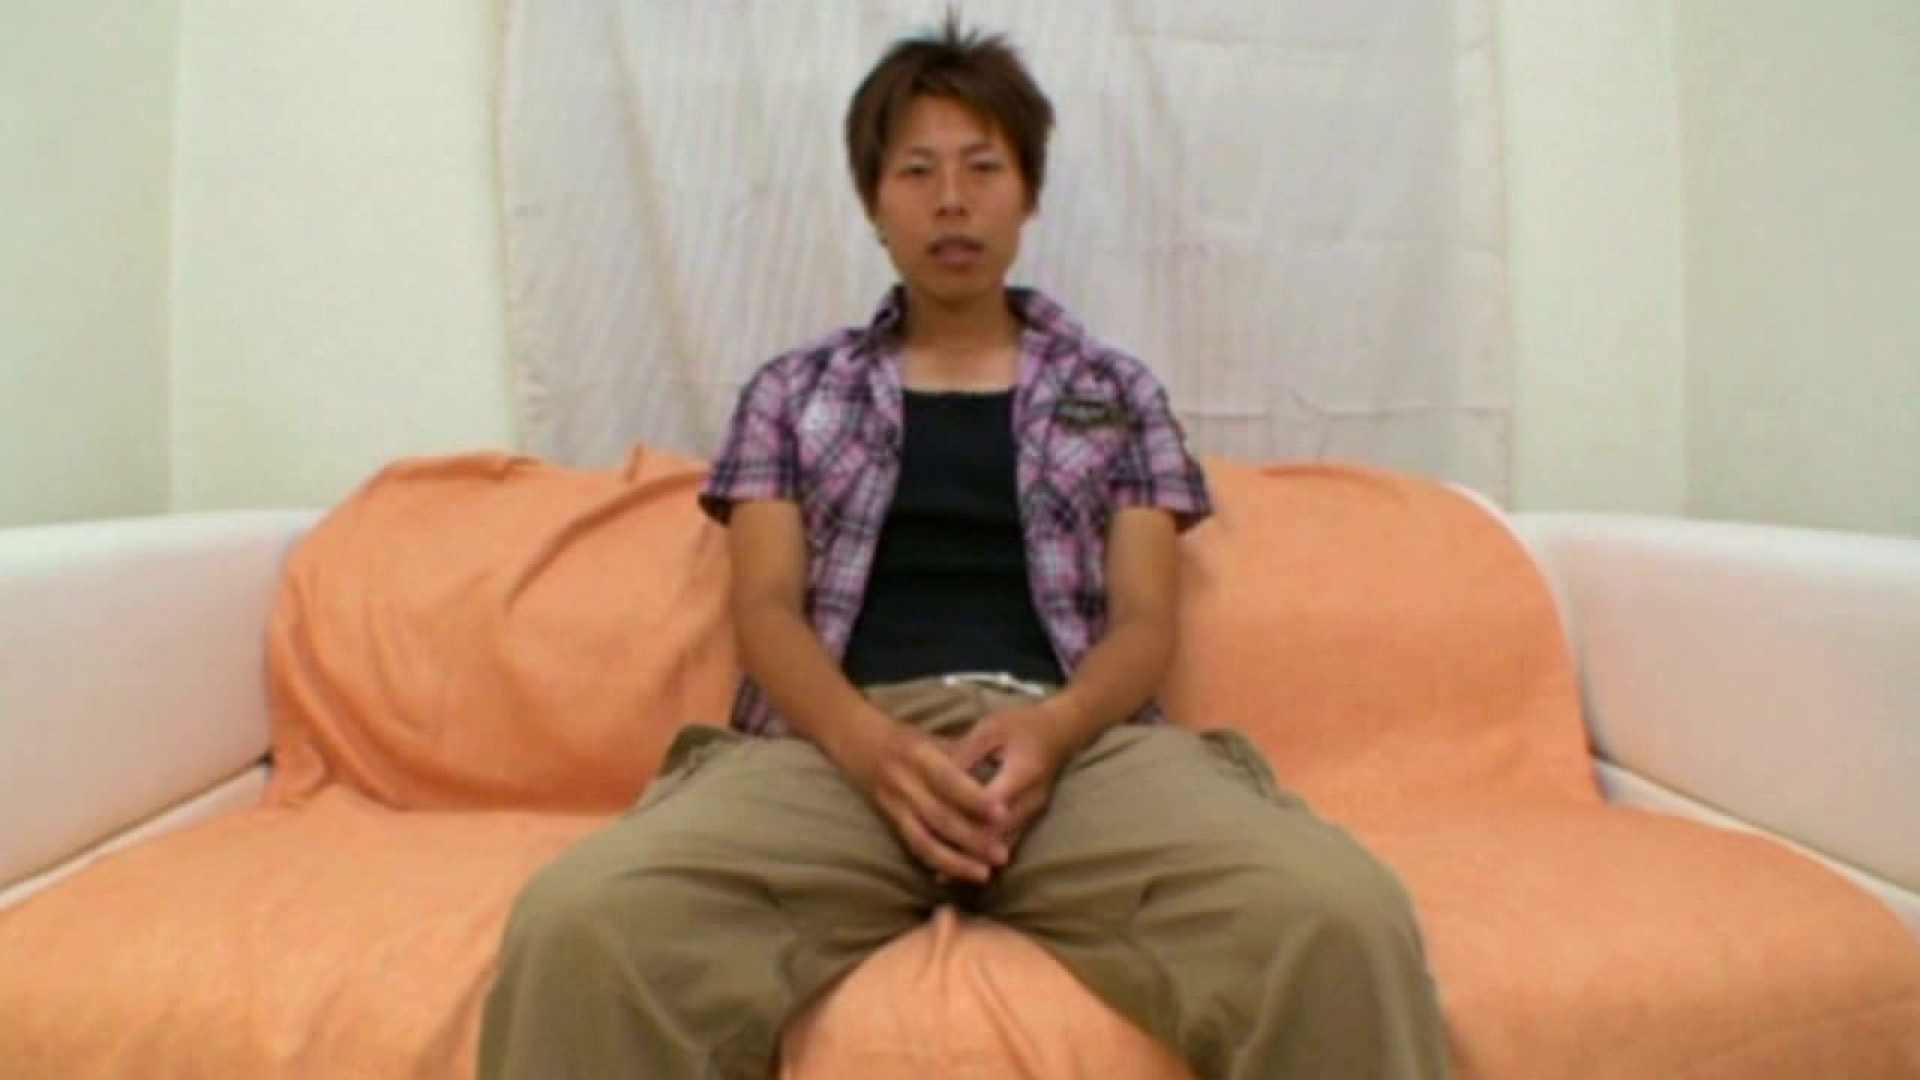 ノンケ!自慰スタジオ No.10 オナニー ゲイセックス画像 83pic 34